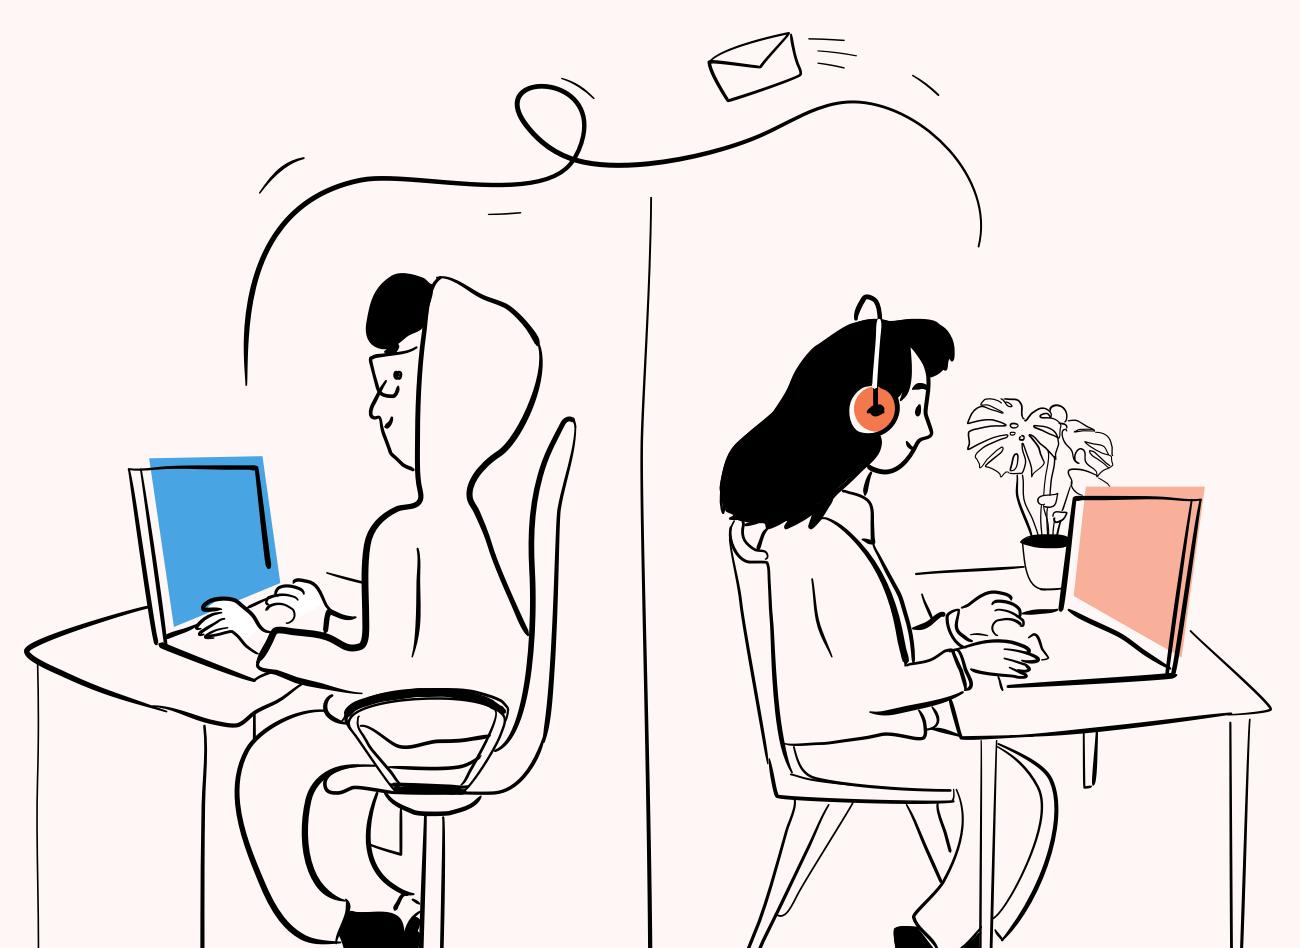 Sieviete un vīrietis, katrs savās mājās, sēž pie datoriem un savā starpā par kaut ko sarakstās